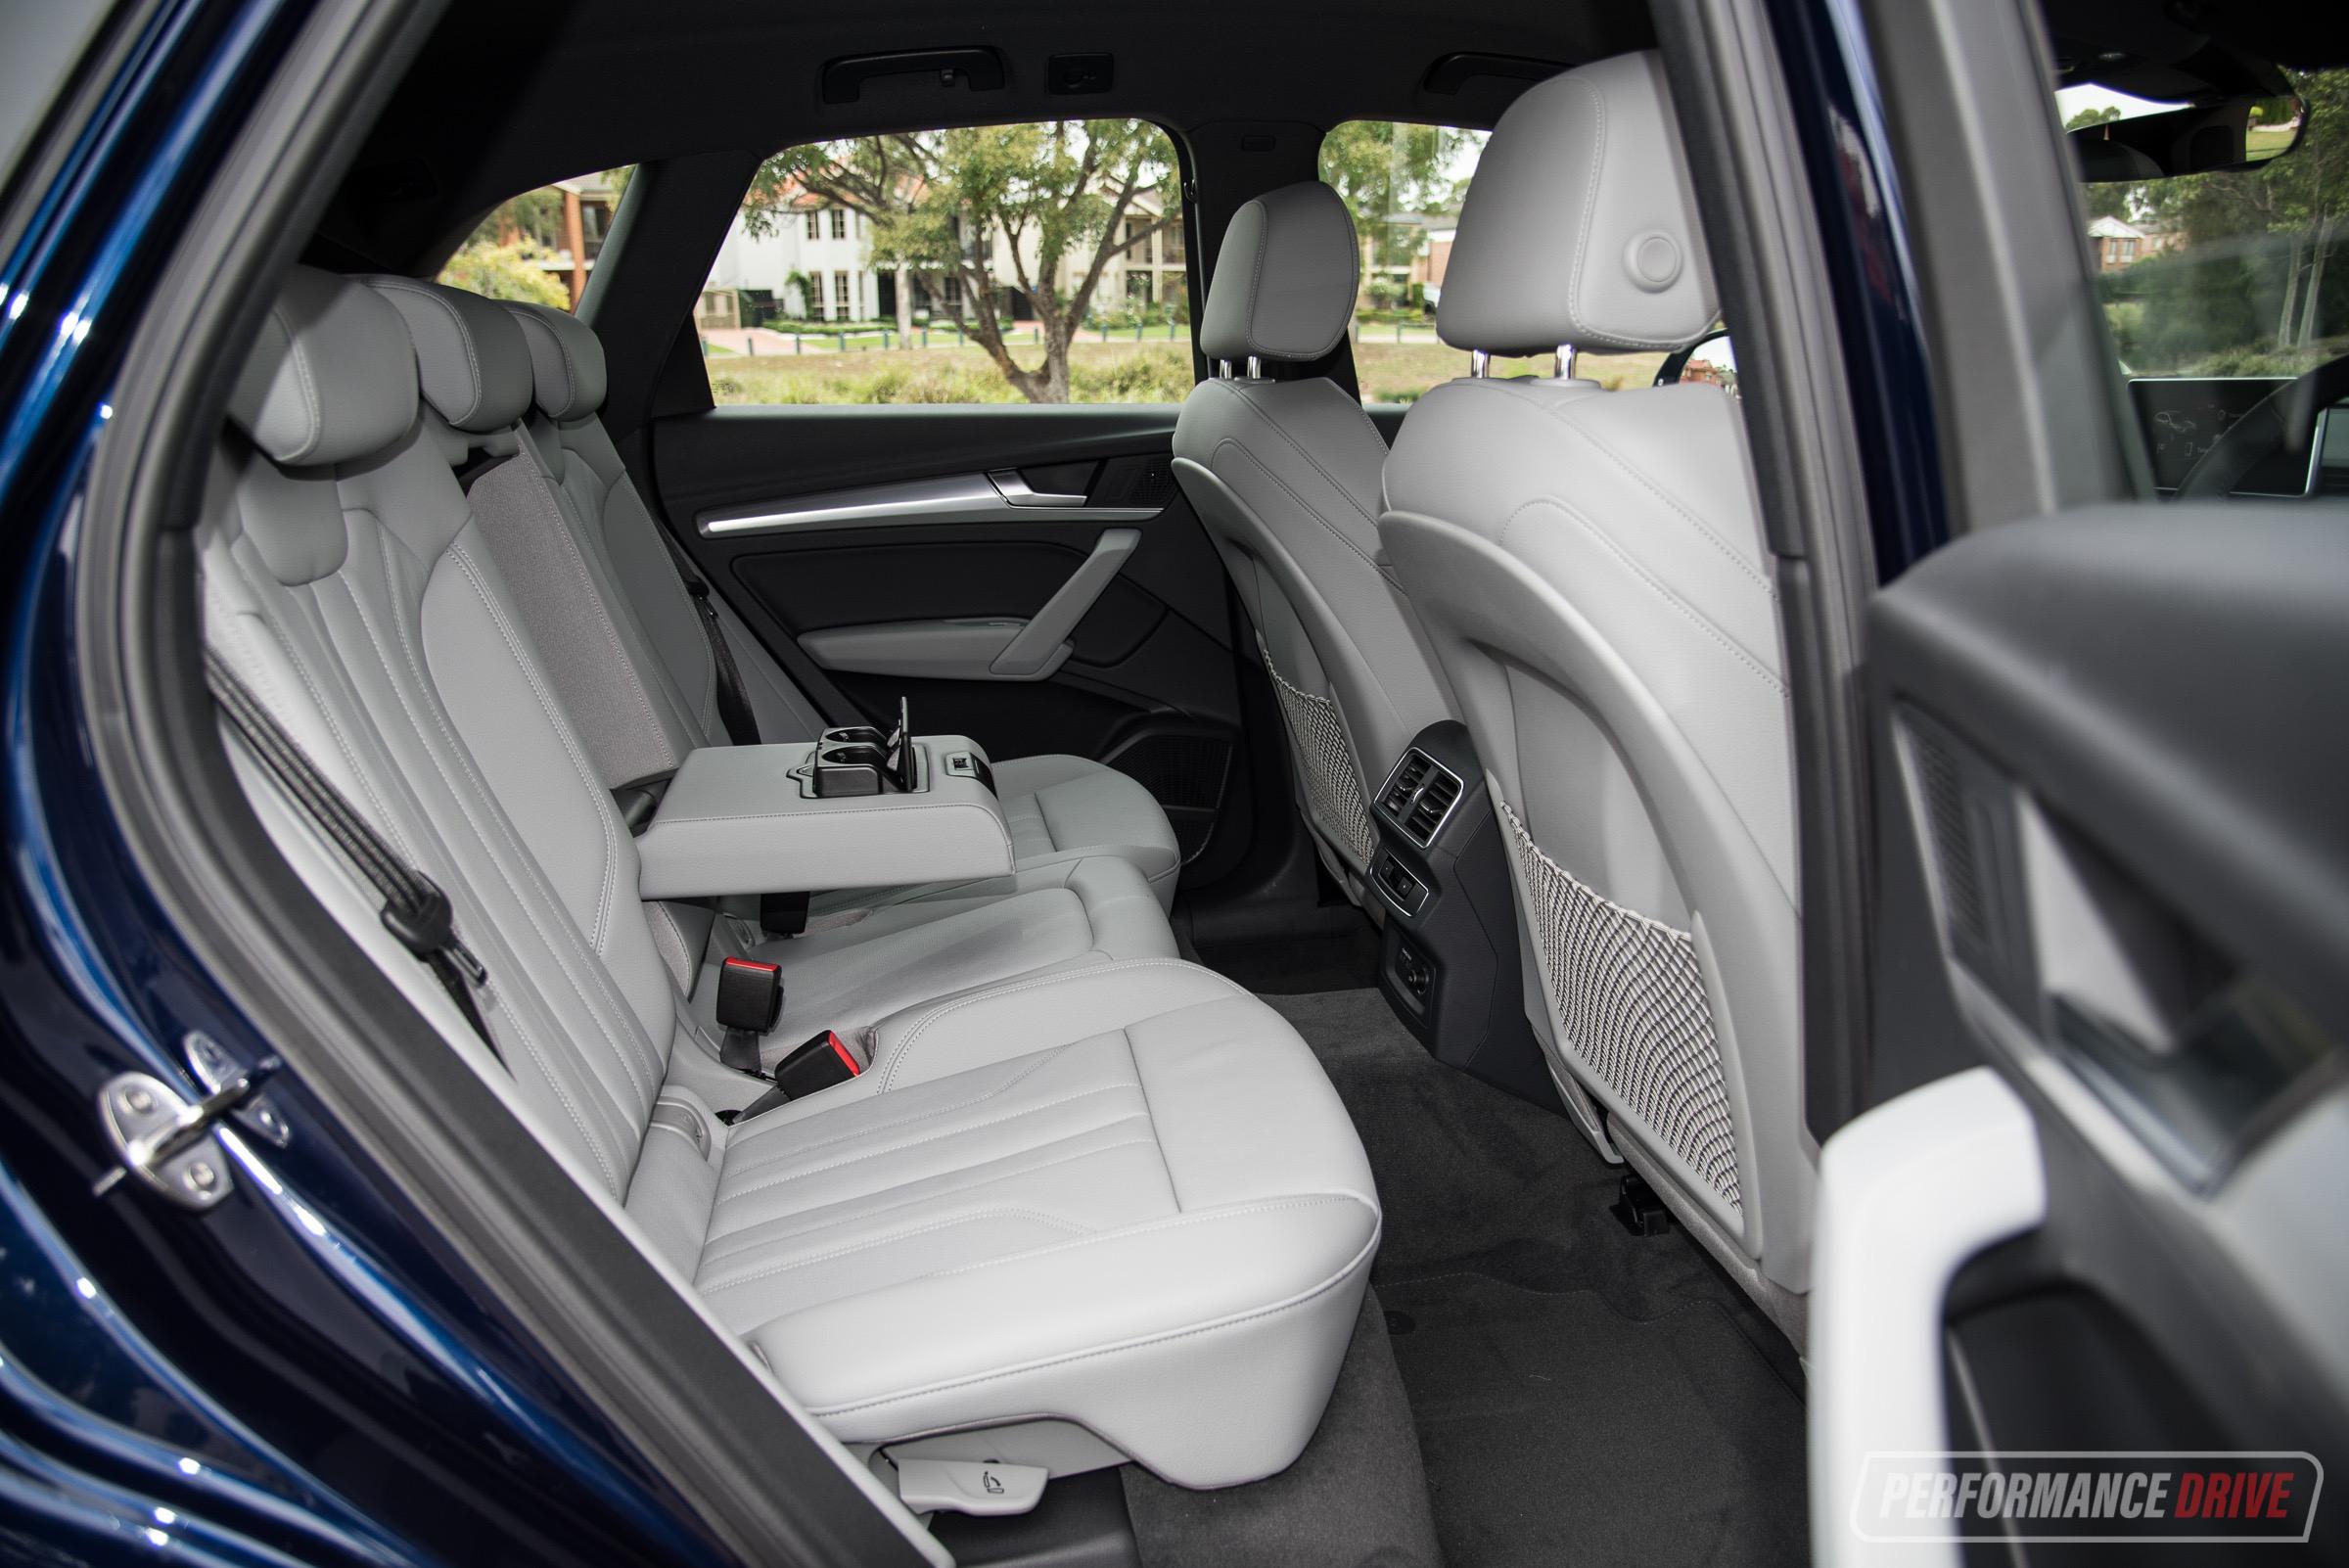 Audi Q5 Seating Capacity >> 2019 Audi Q5 50 Tdi Review Video Performancedrive